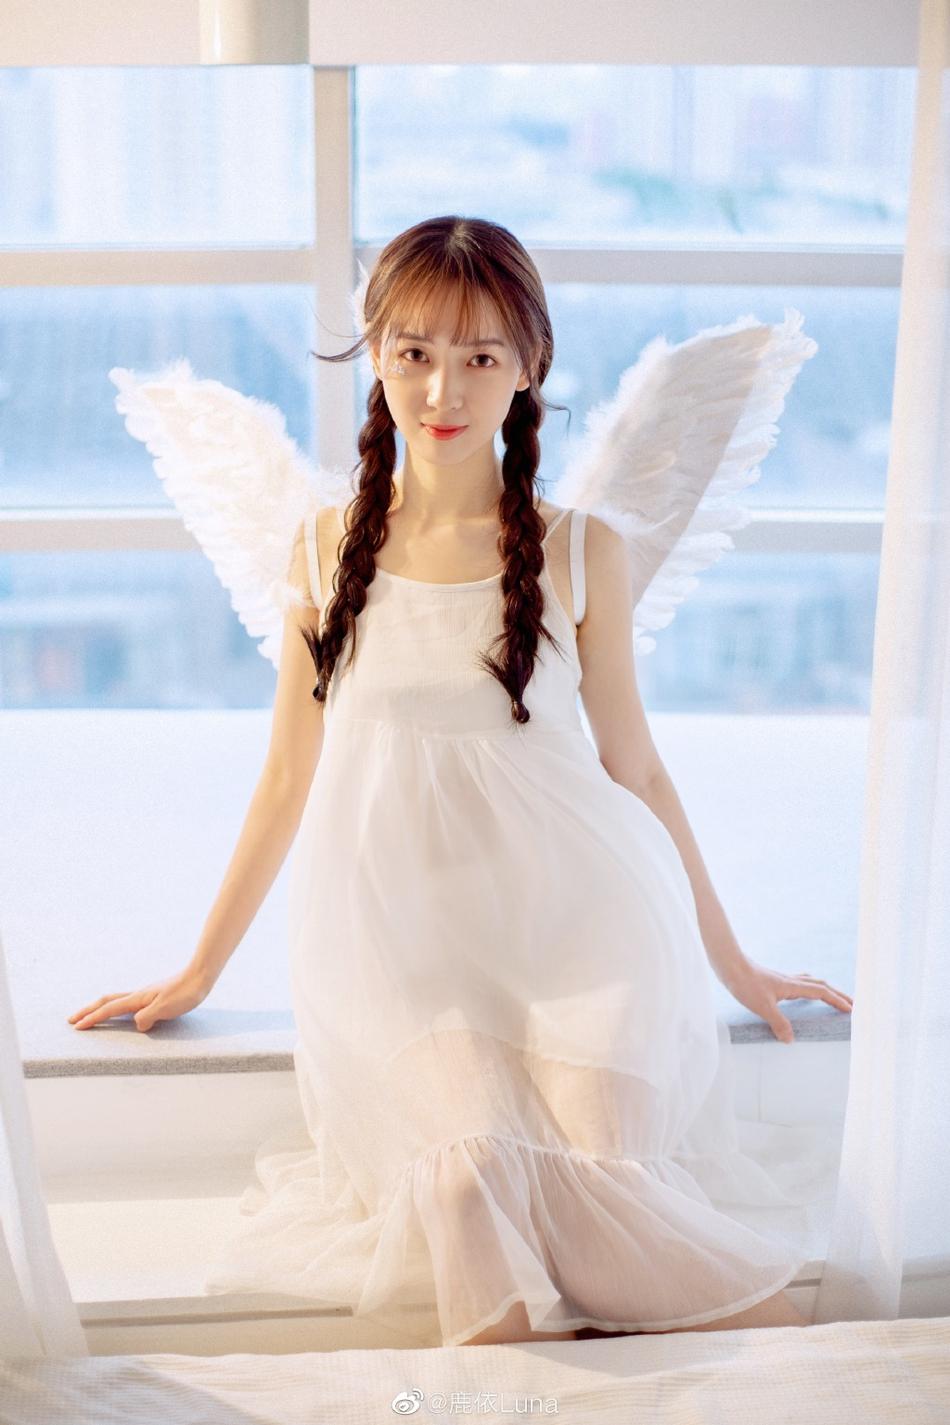 吴亦凡女友身份曝光 长相清纯甜美与吴磊是同班同学